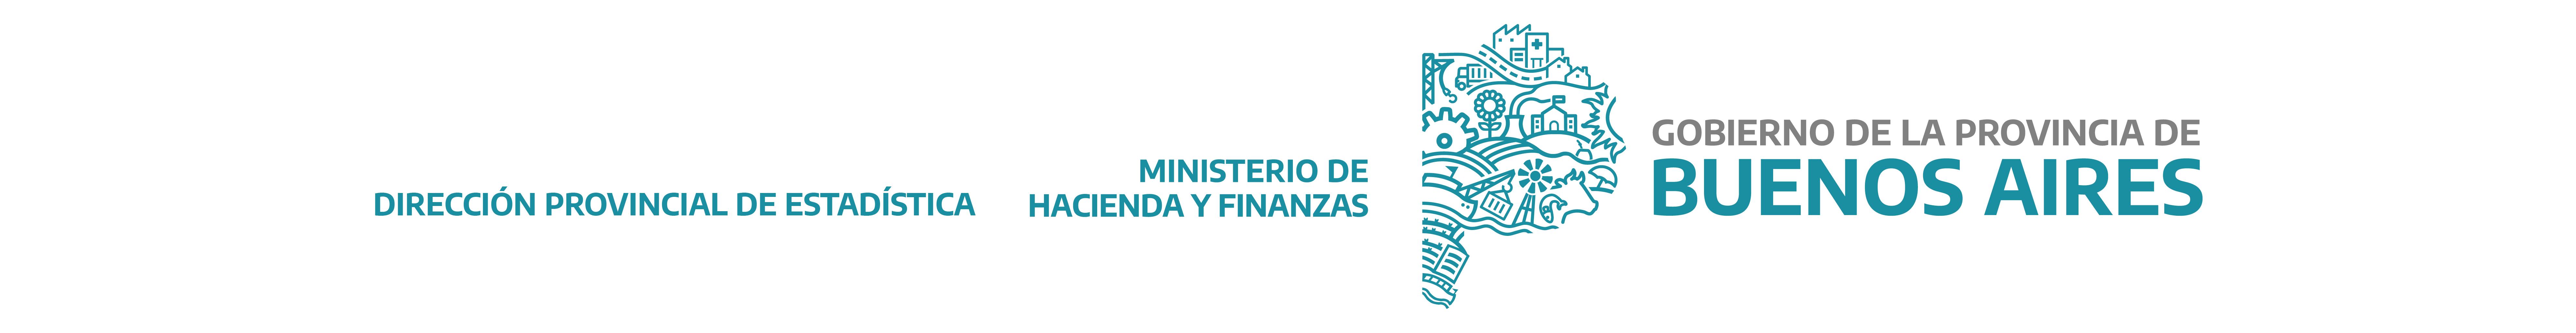 Hacienda y Finanzas | Dirección Provincial de Estadística